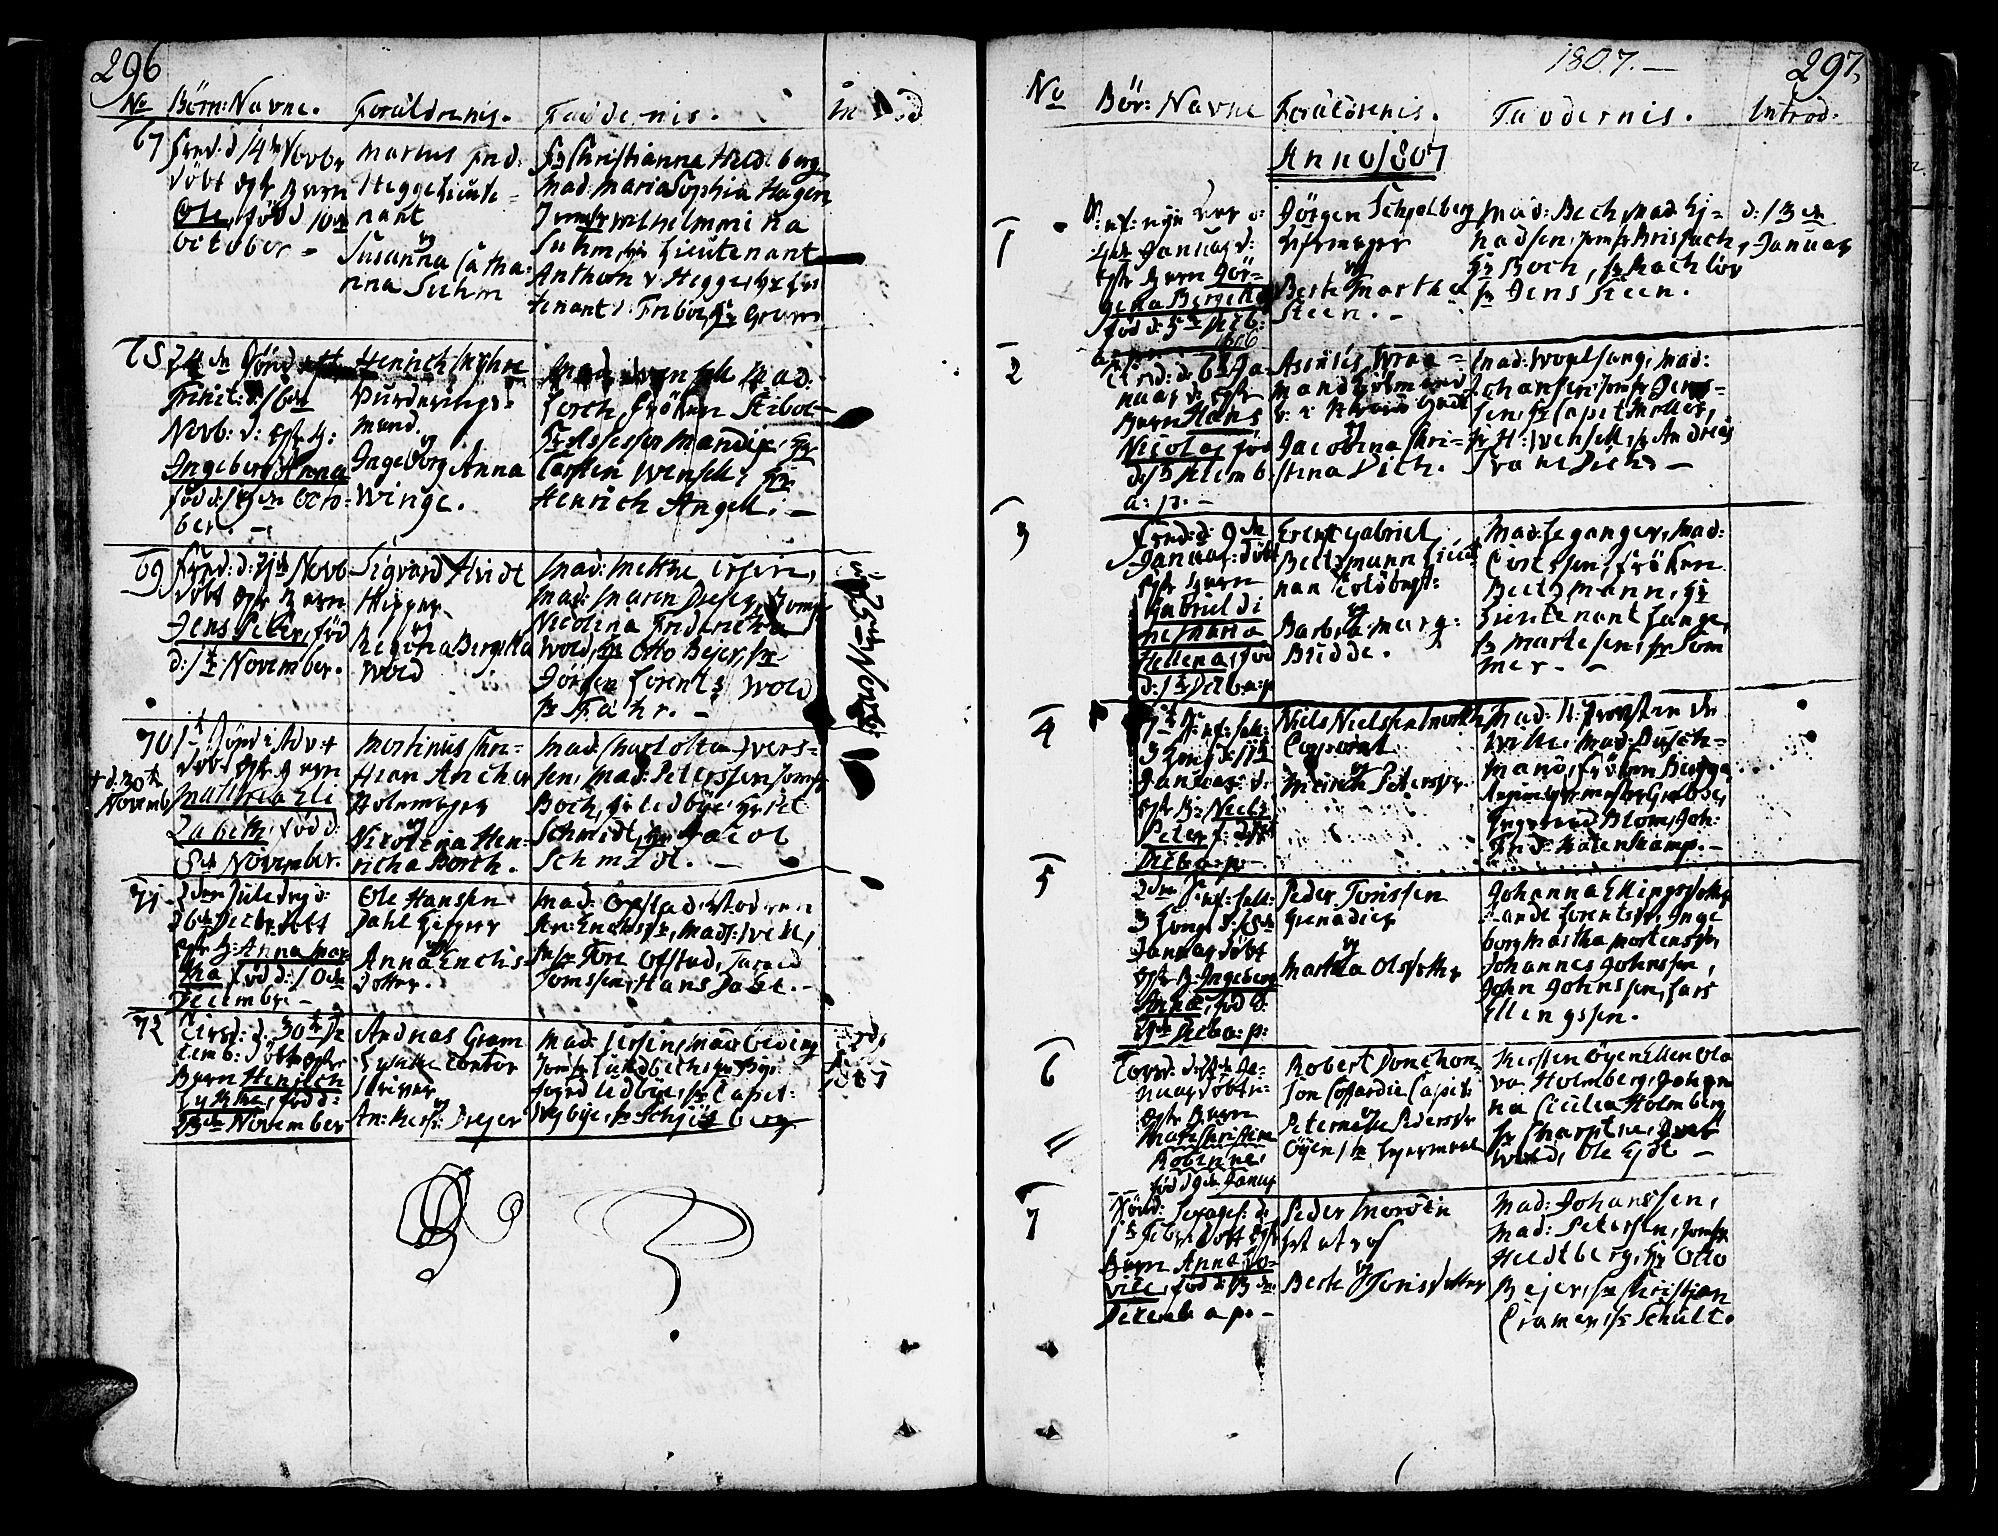 SAT, Ministerialprotokoller, klokkerbøker og fødselsregistre - Sør-Trøndelag, 602/L0104: Ministerialbok nr. 602A02, 1774-1814, s. 296-297